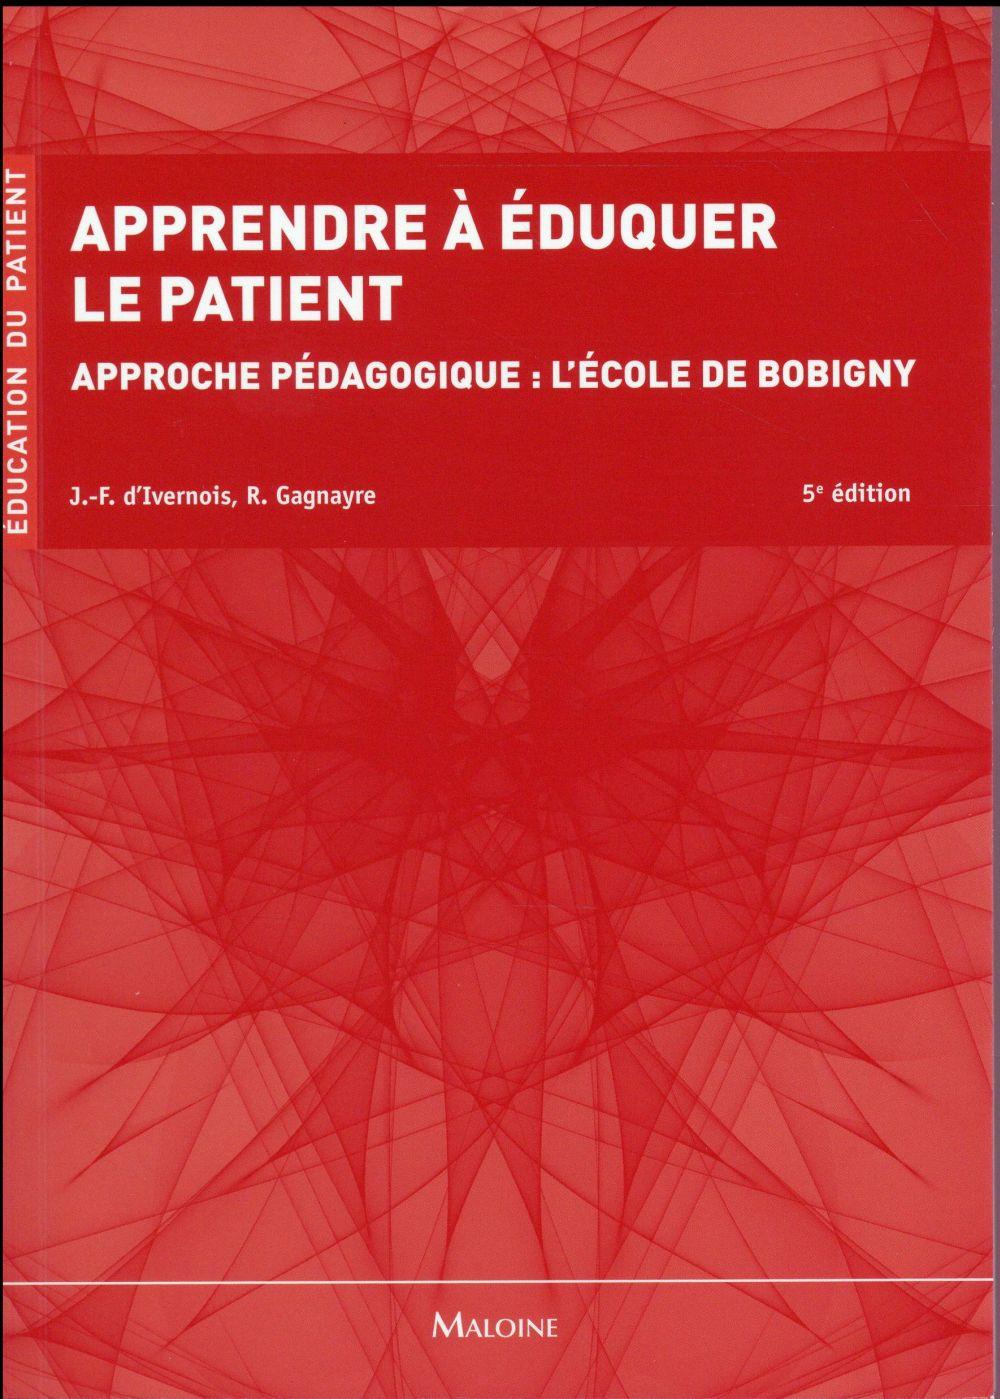 Apprendre a eduquer le patient, 5e ed.